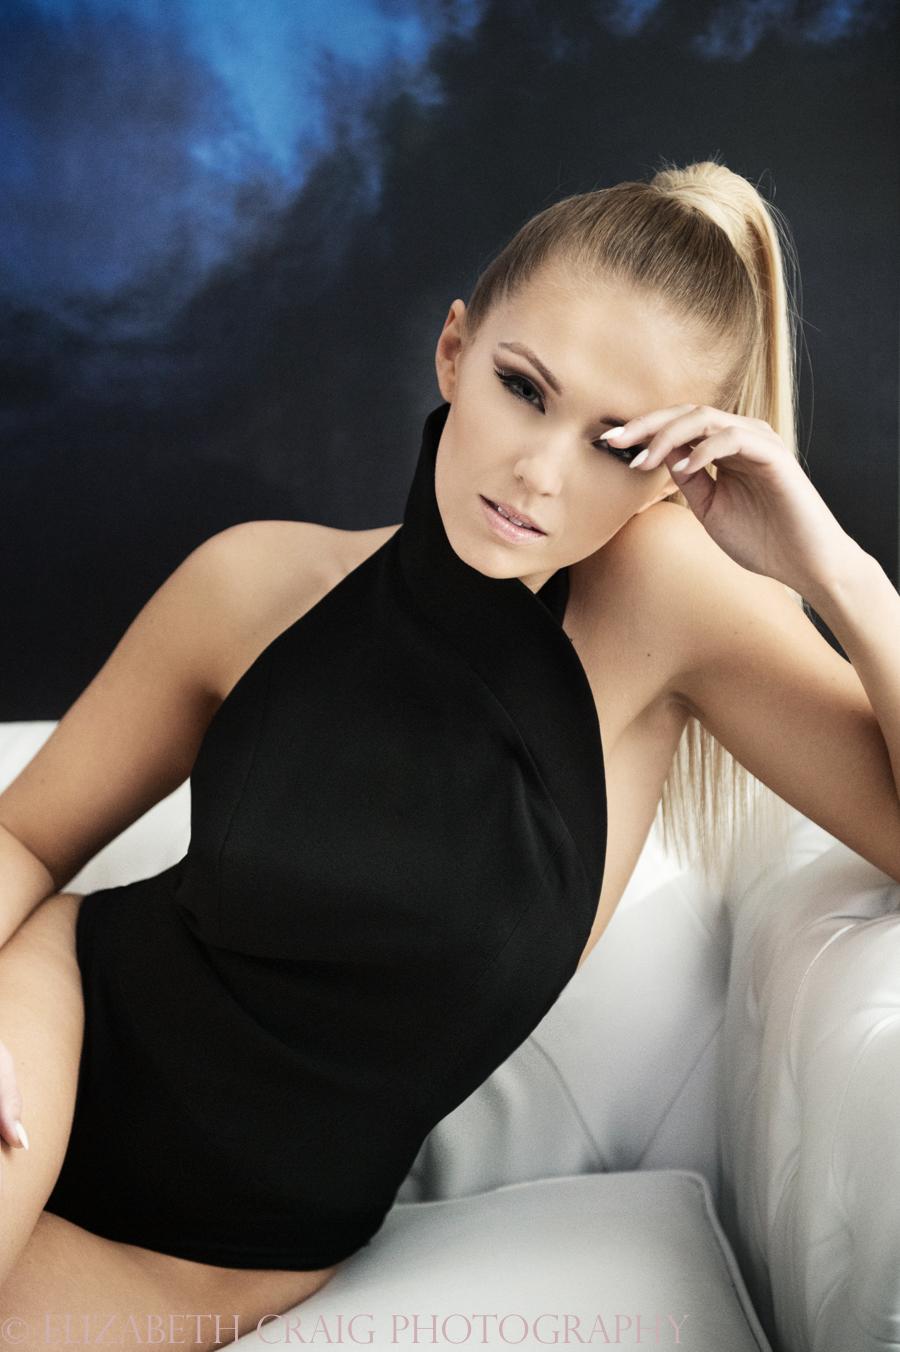 elizabeth-craig-fashion-photography-pittsburgh-002